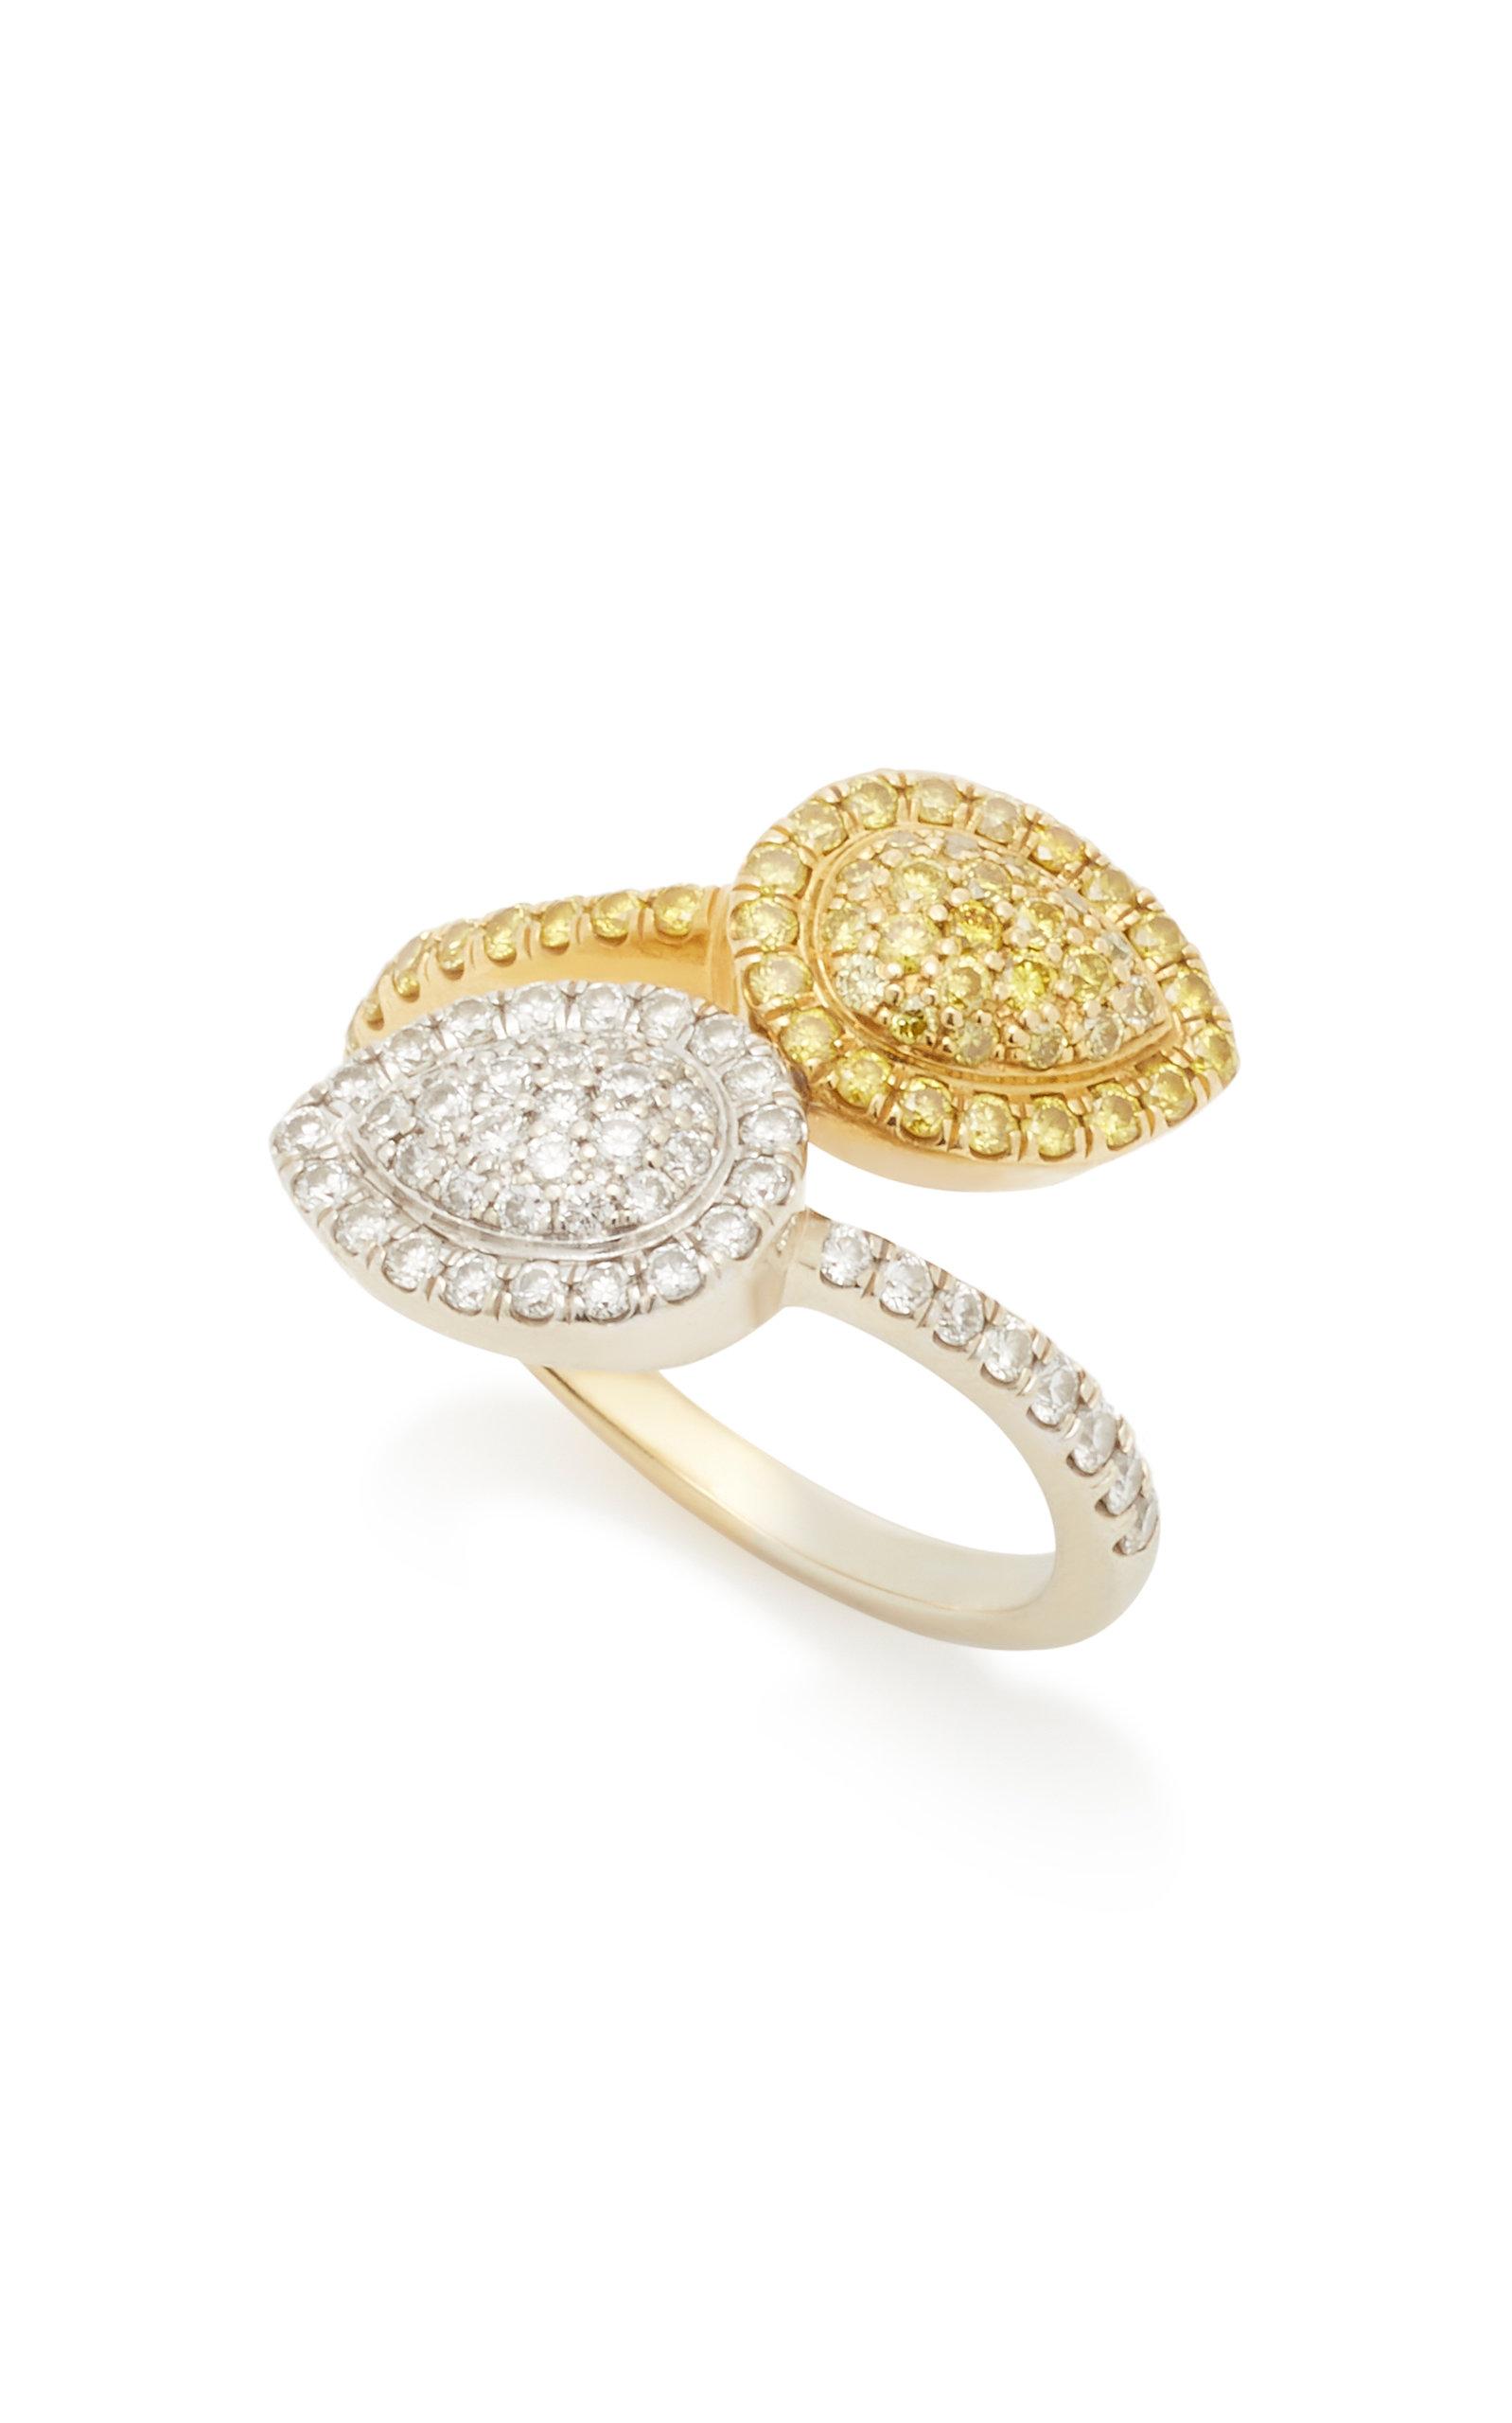 MARIA JOSE JEWELRY | Maria Jose Jewelry Two-Tone 18K Gold Diamond Ring | Goxip